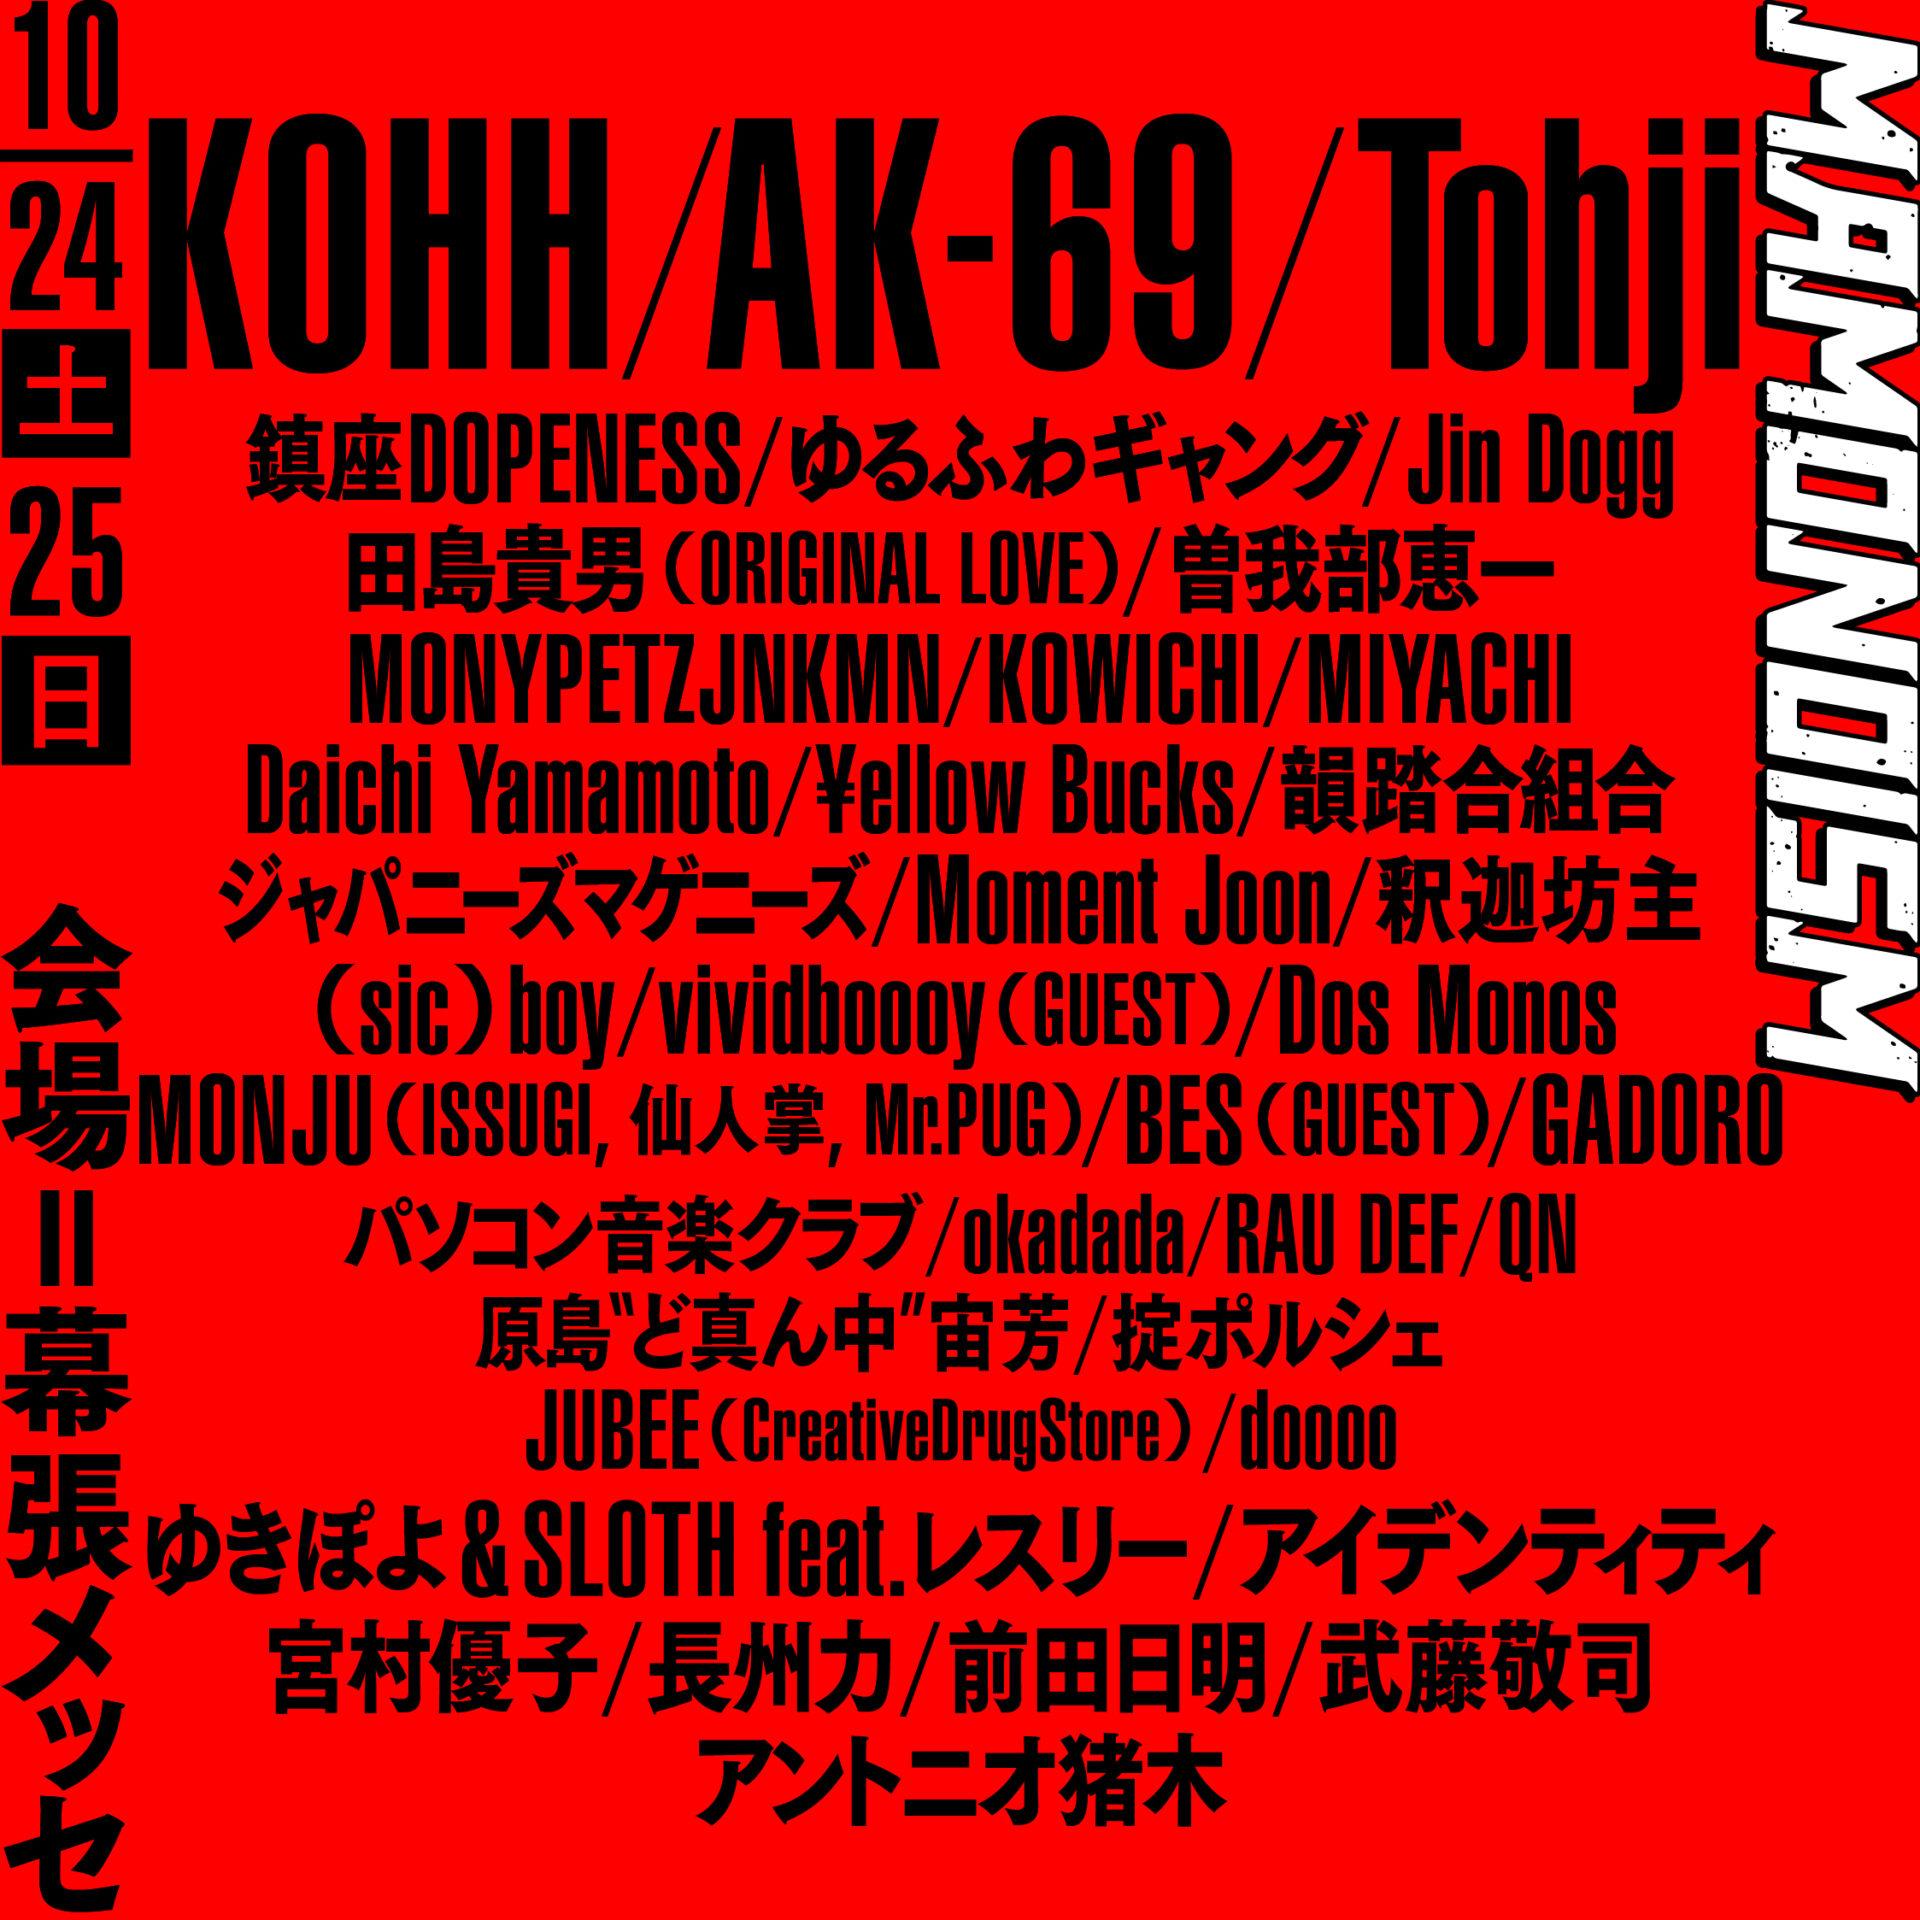 ストリートなイベント【千葉】夏の魔物SPECIAL️ MAMONOISM 待望のモンスター級フェスが復活!